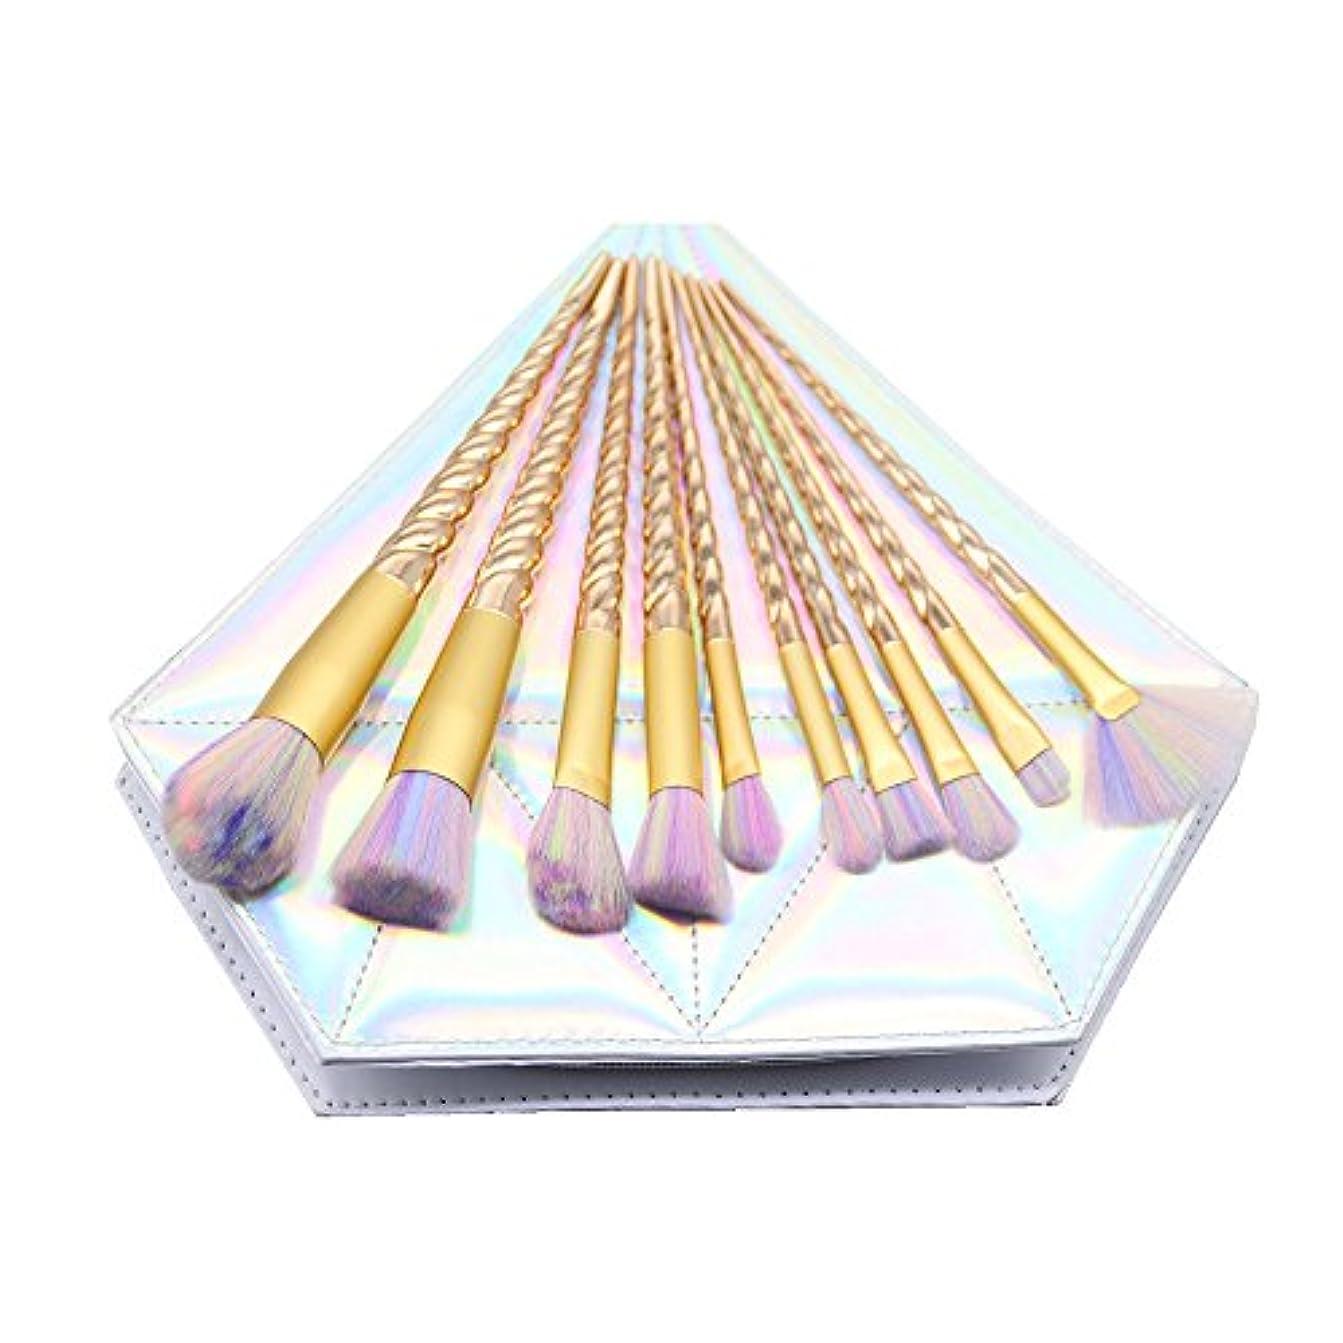 同級生制限する寝るDilla Beauty メイクブラシセット 10本セット ユニコーンデザイン プラスチックハンドル 合成毛 ファンデーションブラシ アイシャドーブラッシャー 美容ツール 化粧品のバッグ付き